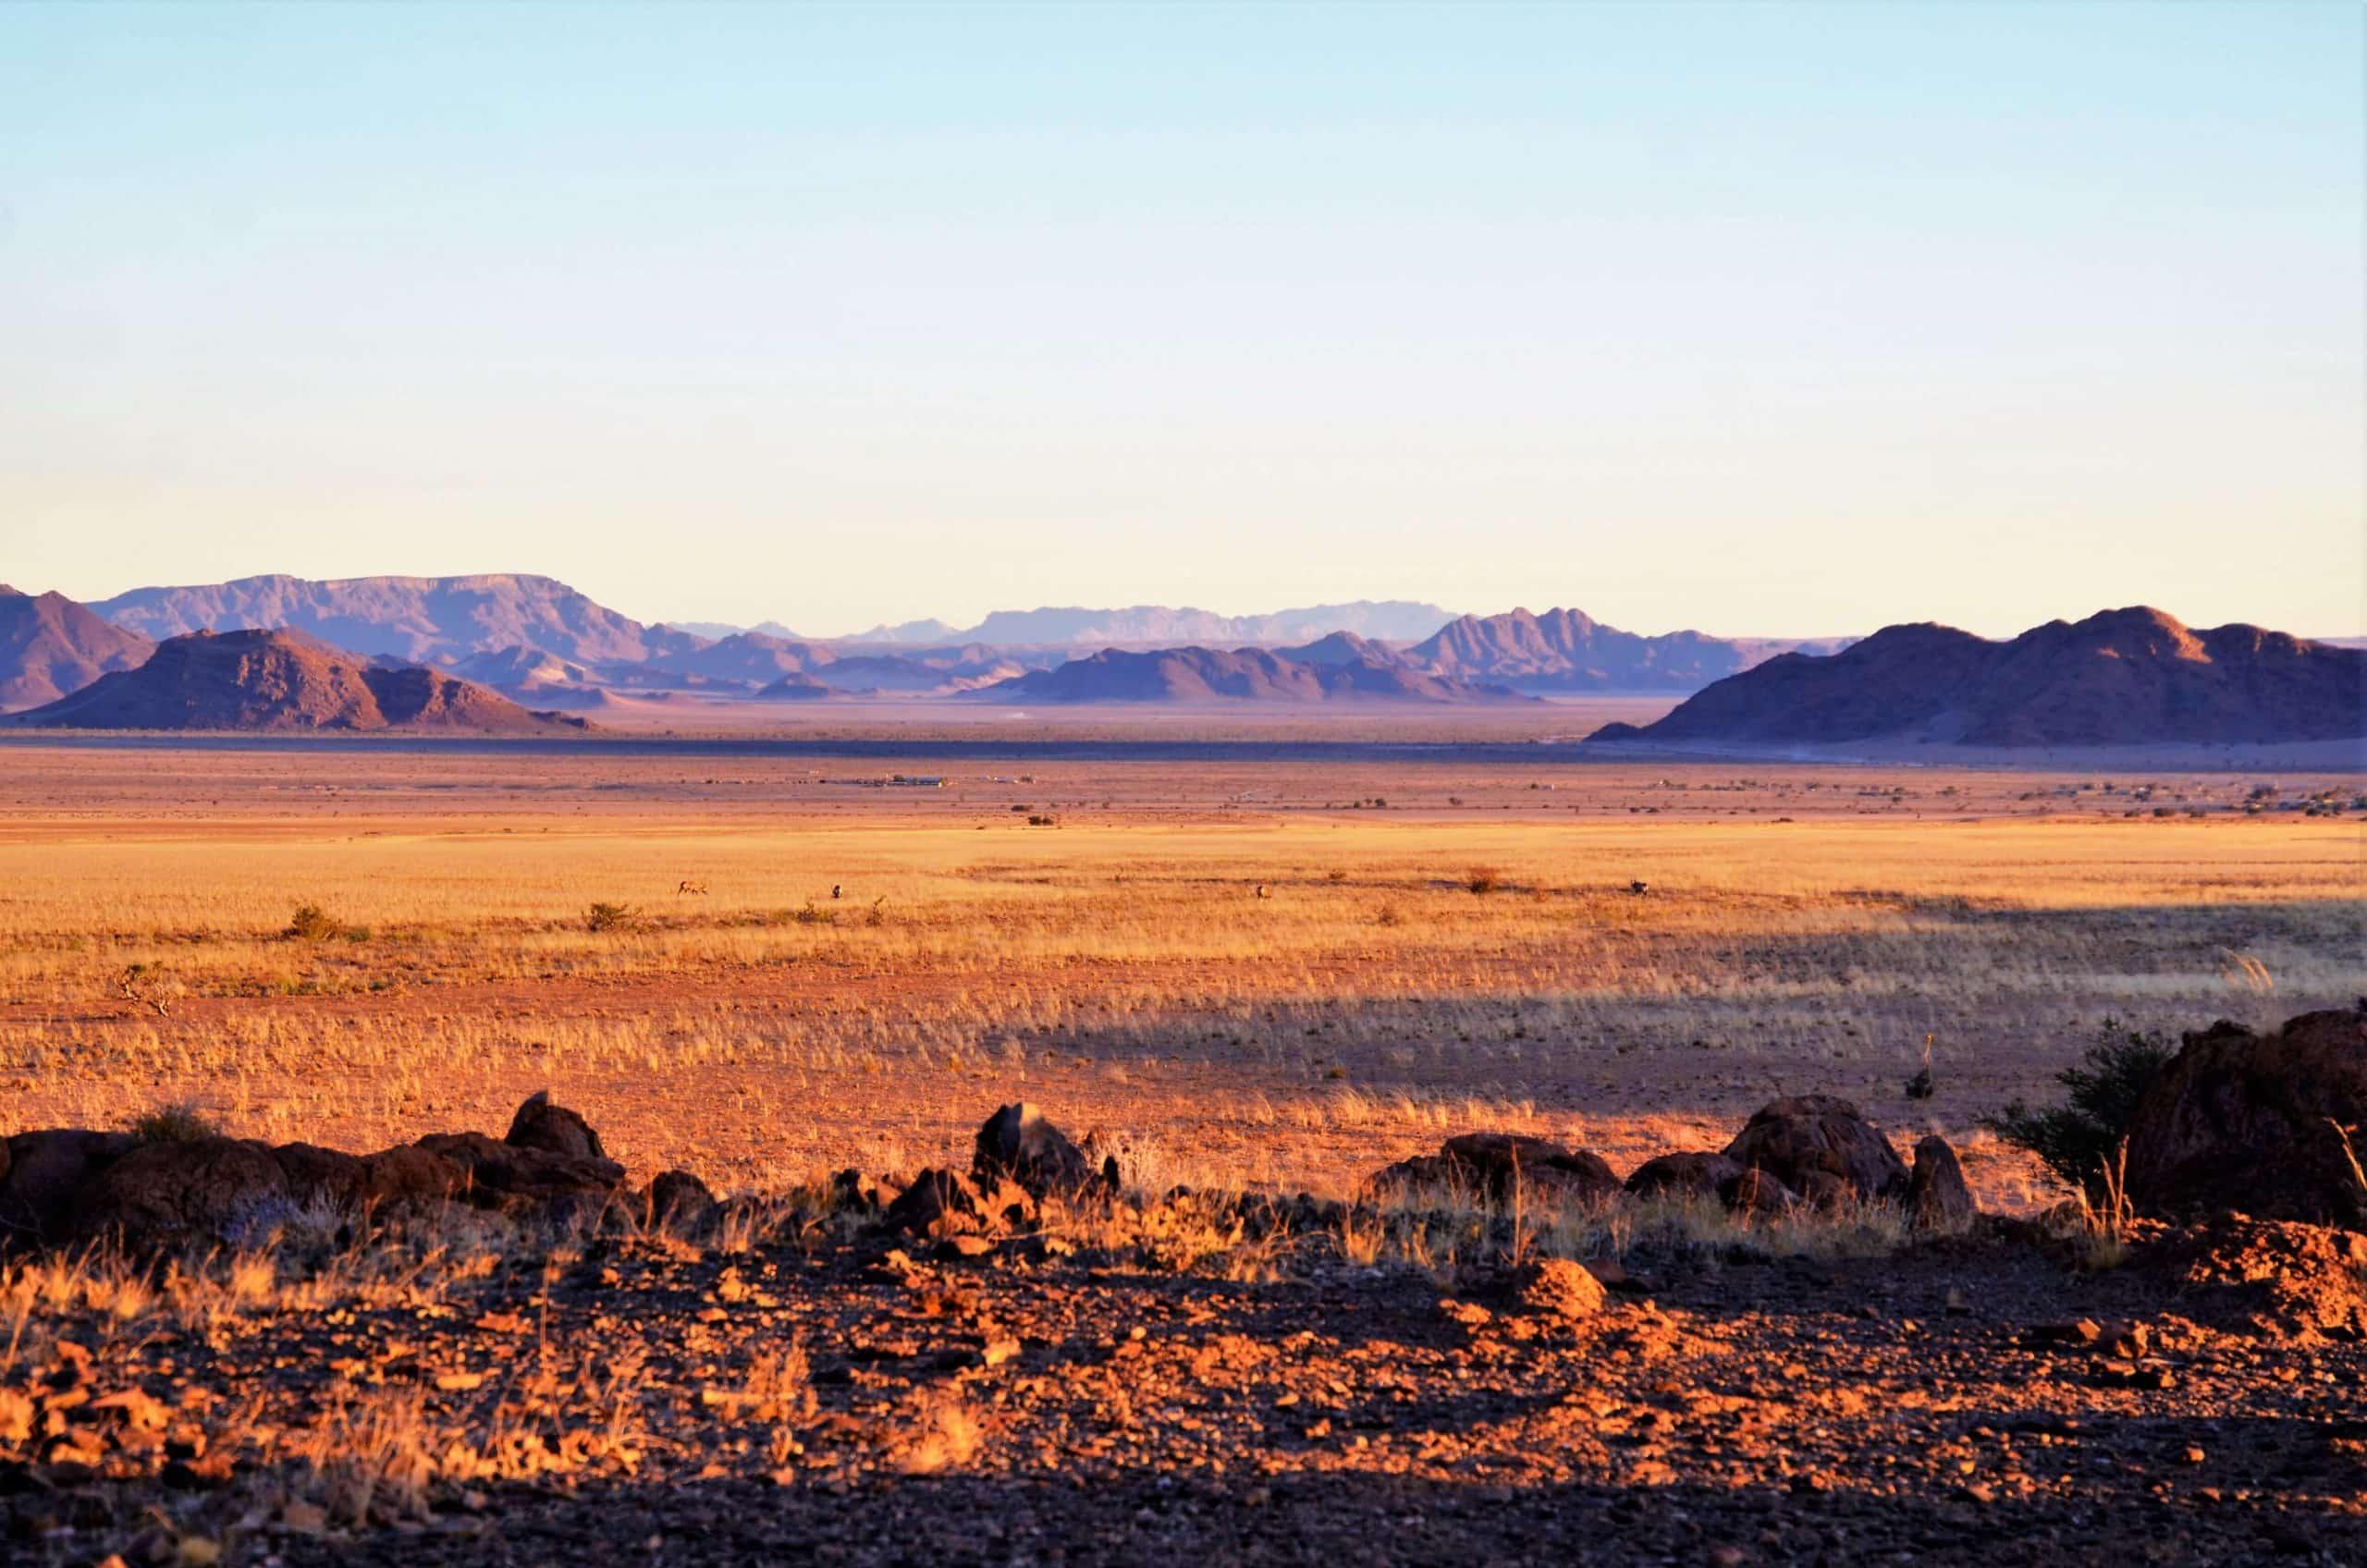 Mit dem Mietwagen durch Namibia - Tipps! | Urlaubsreise.blog